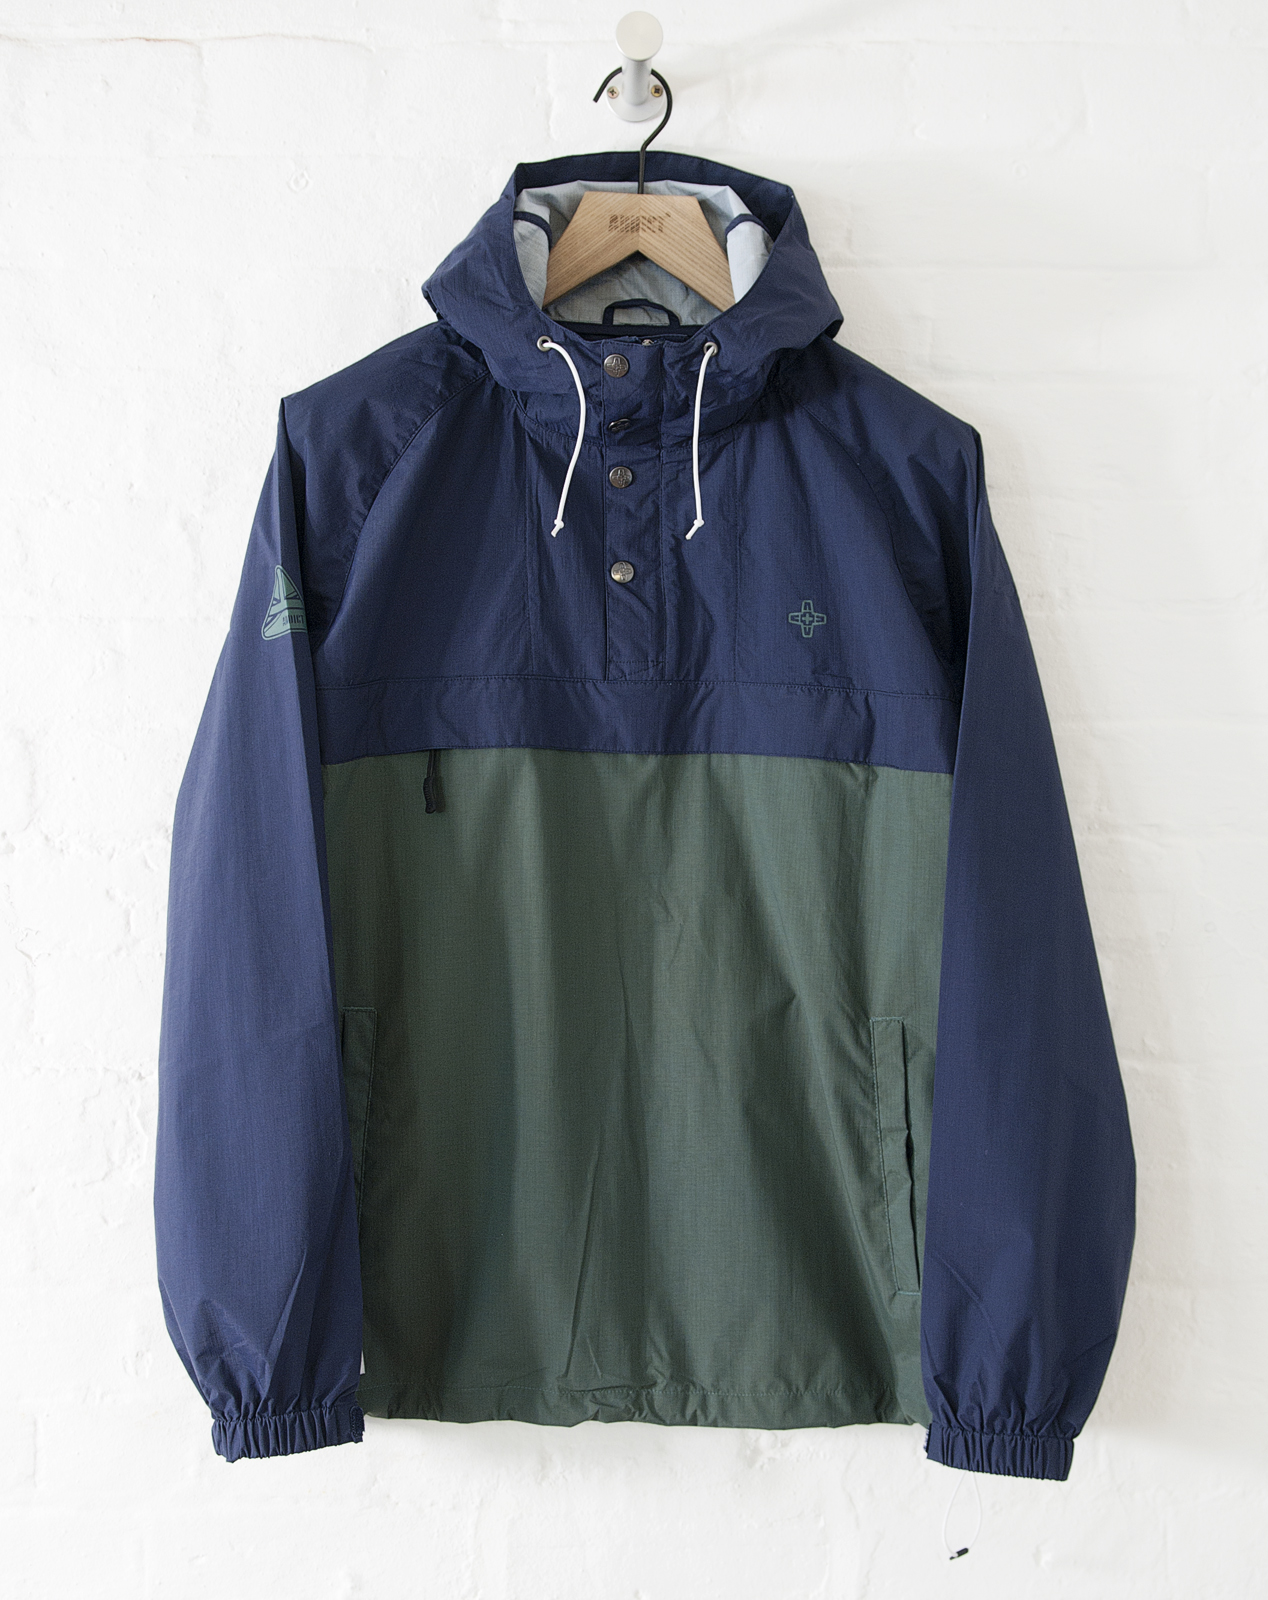 Addict Mens Pennine Smock Half Zip Water Resistant Adjustable Hood Jacket | EBay